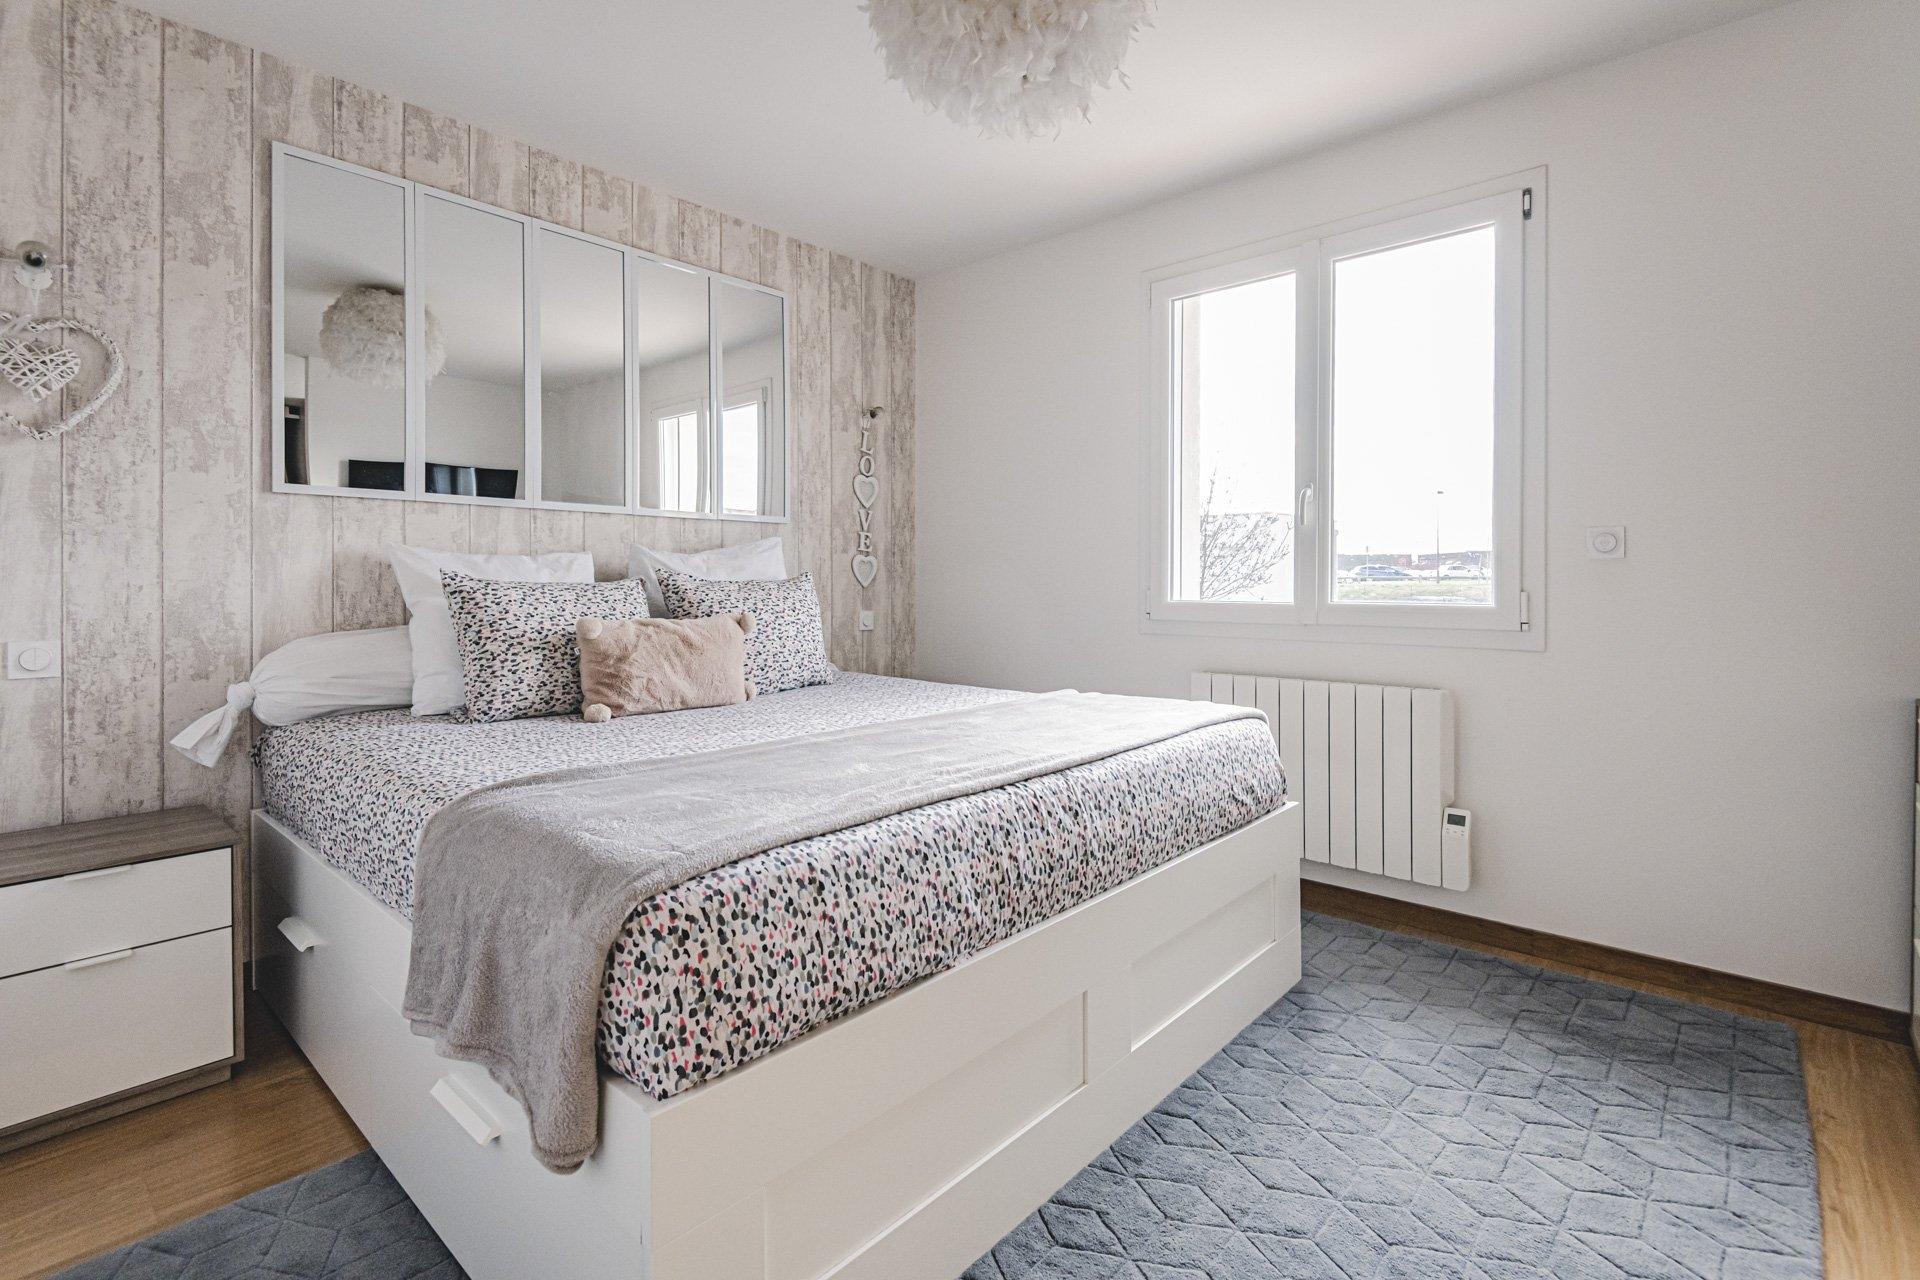 Maison Champigny 6 Pièces 160 m2 - 14